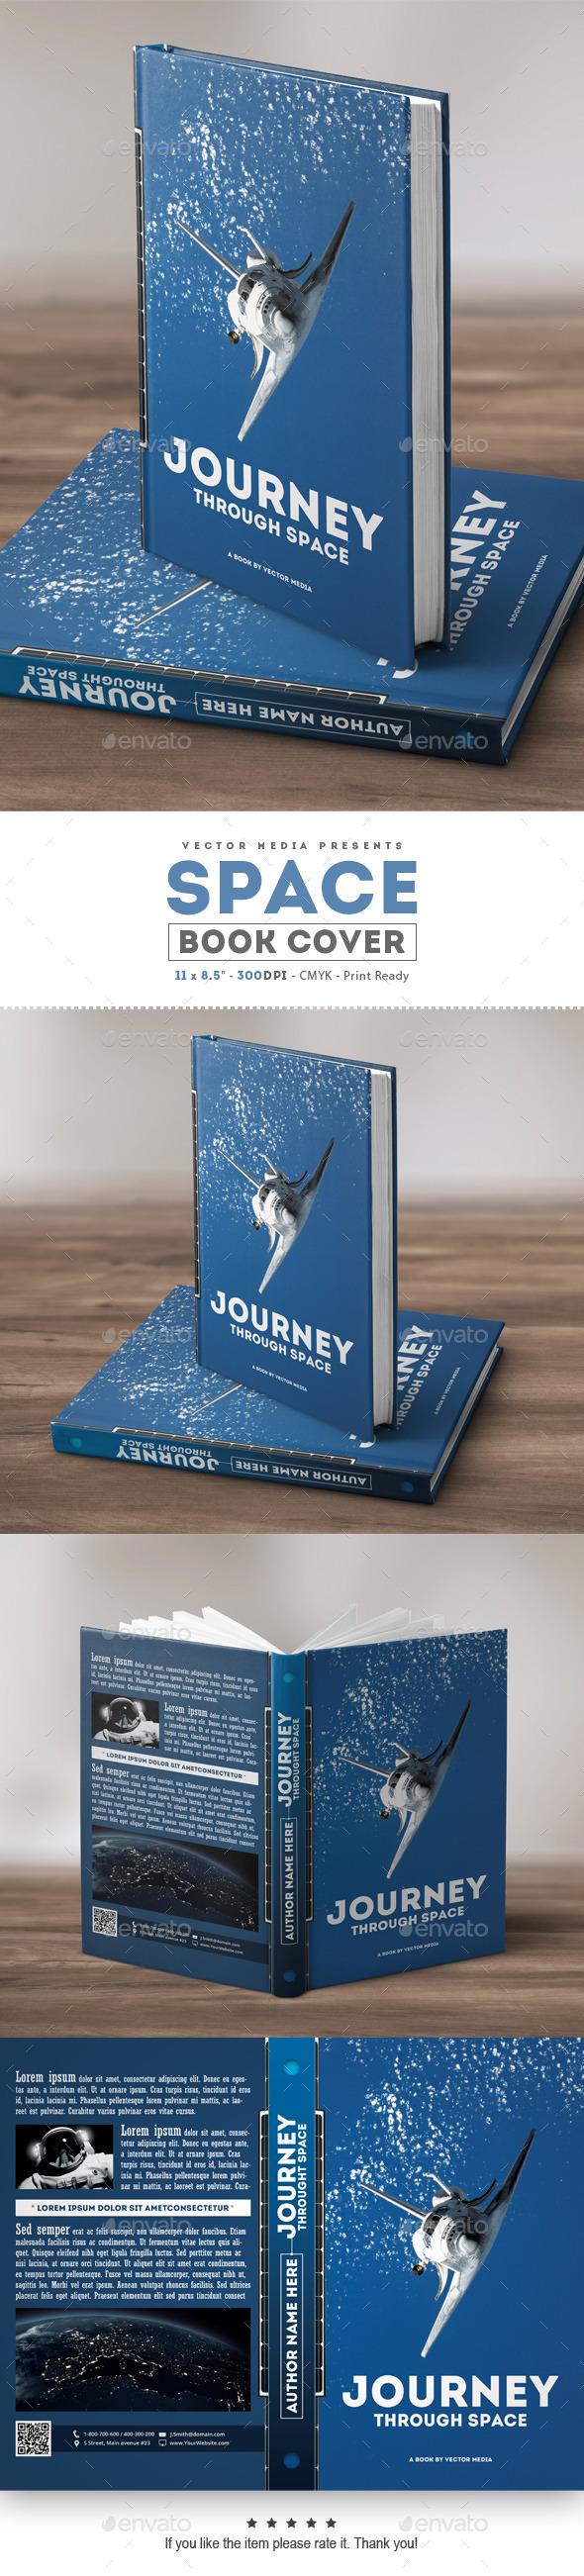 GraphicRiver Space Book Cover 10454663